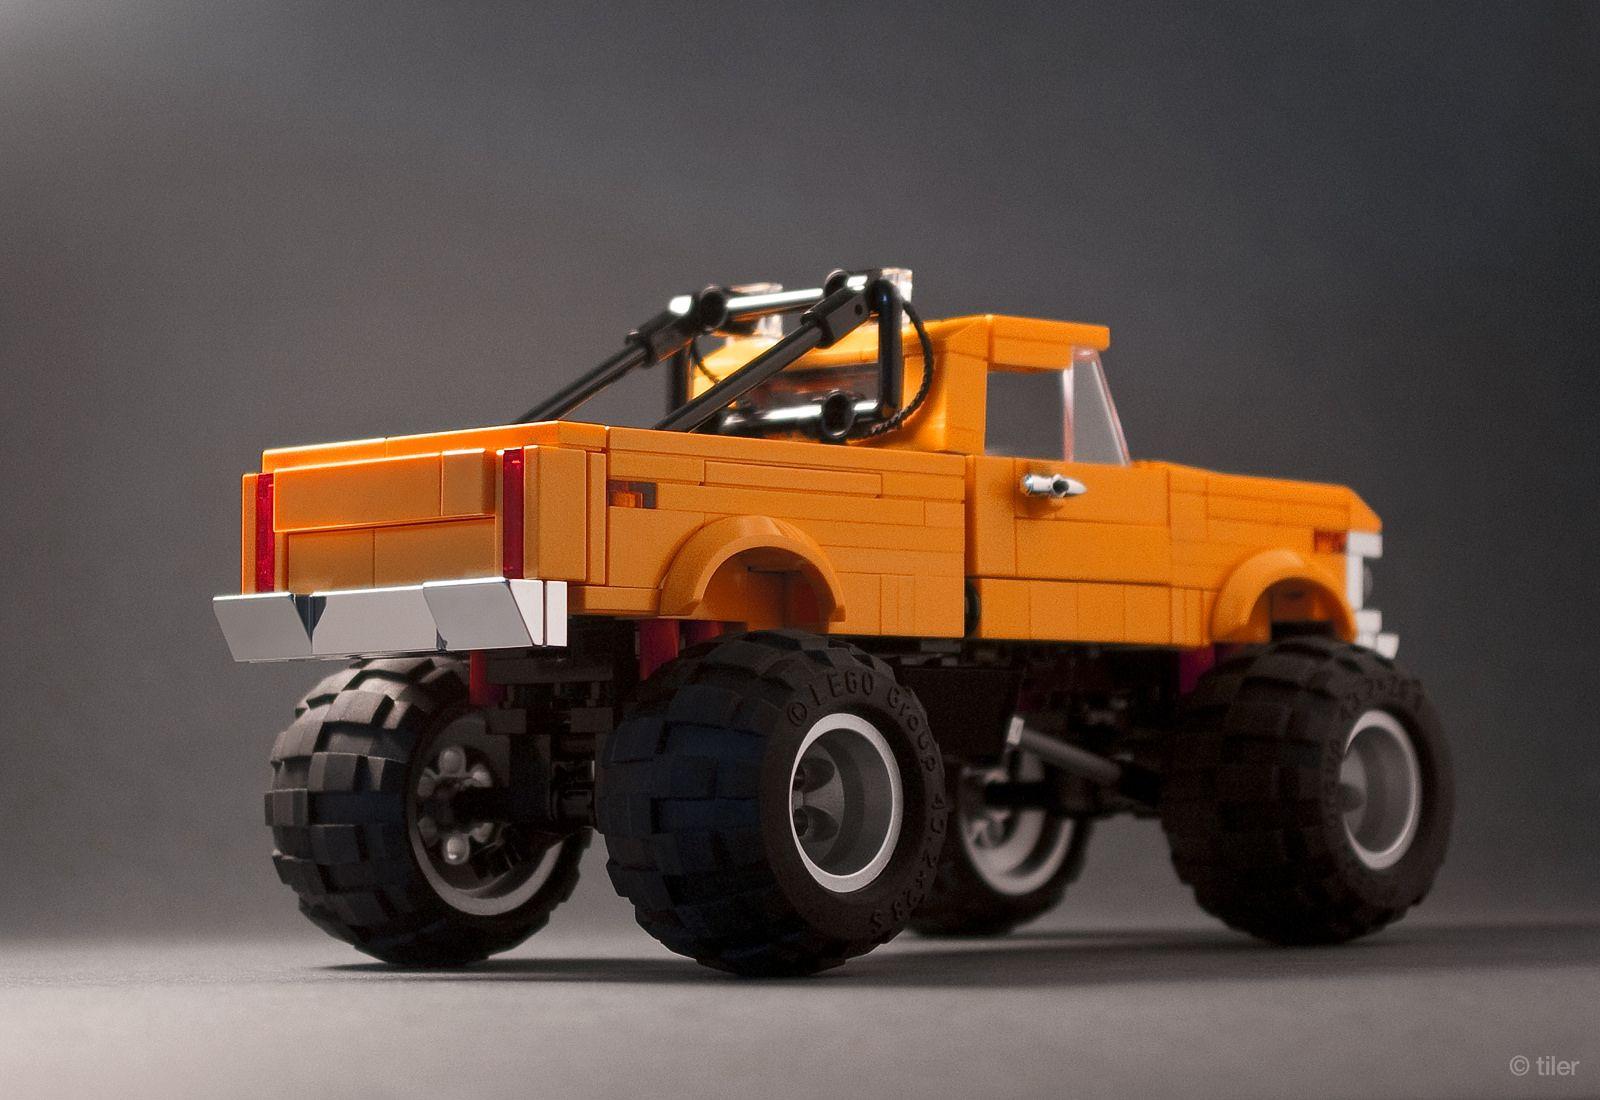 39 75 ford f250 truck 02 lego fahrzeuge lego fahrzeuge. Black Bedroom Furniture Sets. Home Design Ideas